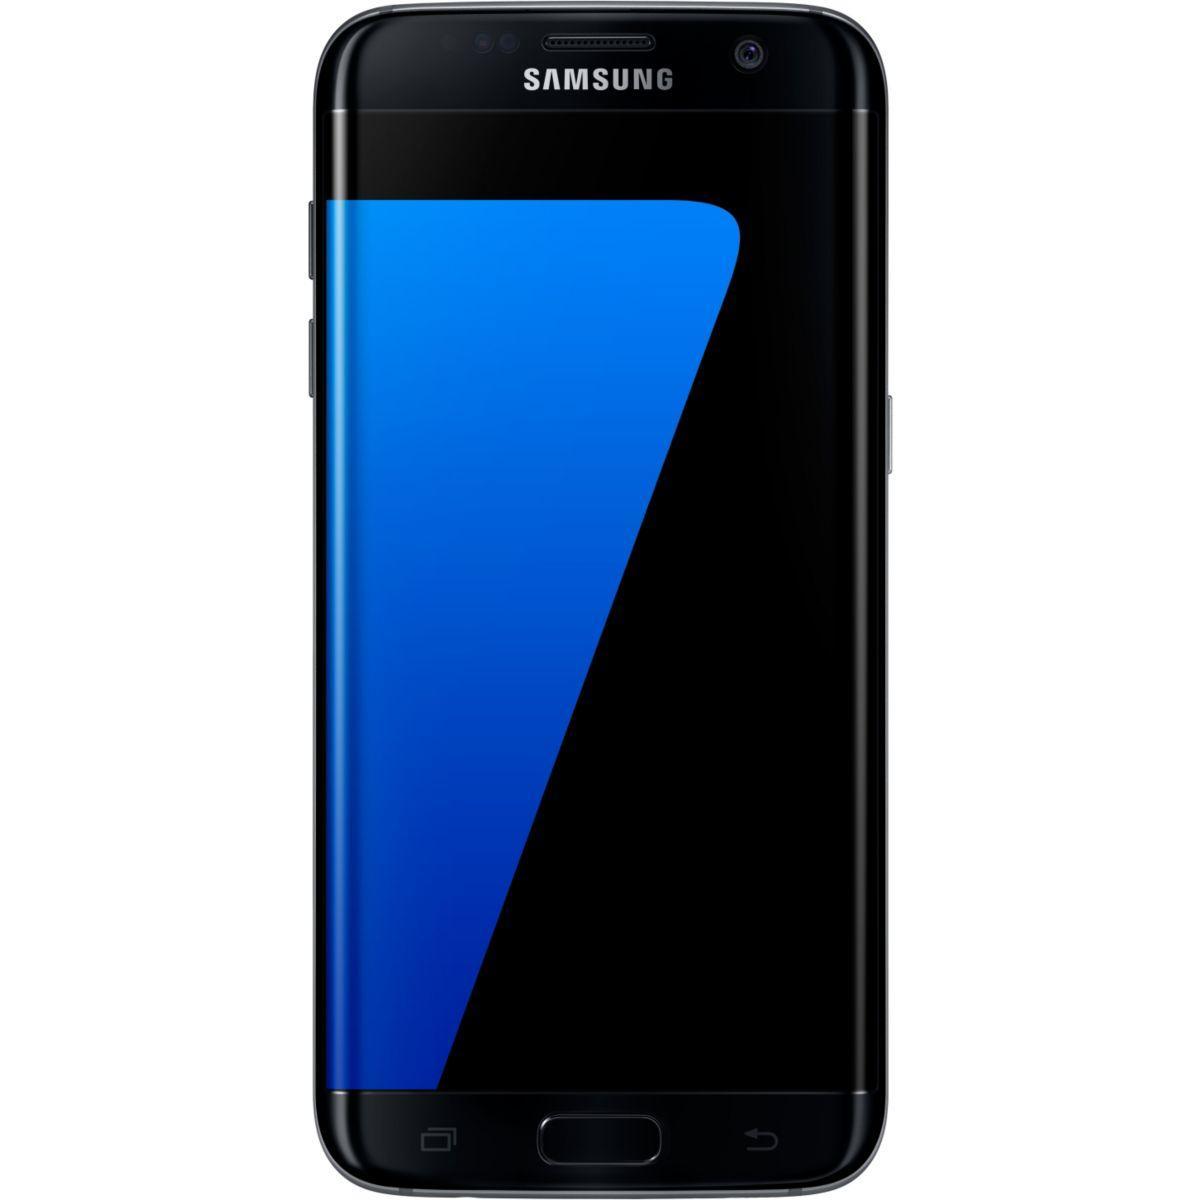 Pack promo smartphone samsung galaxy s7 edge noir 32 go + caméra 360° samsung gear 360 - soldes et bonnes affaires à prix imbattables